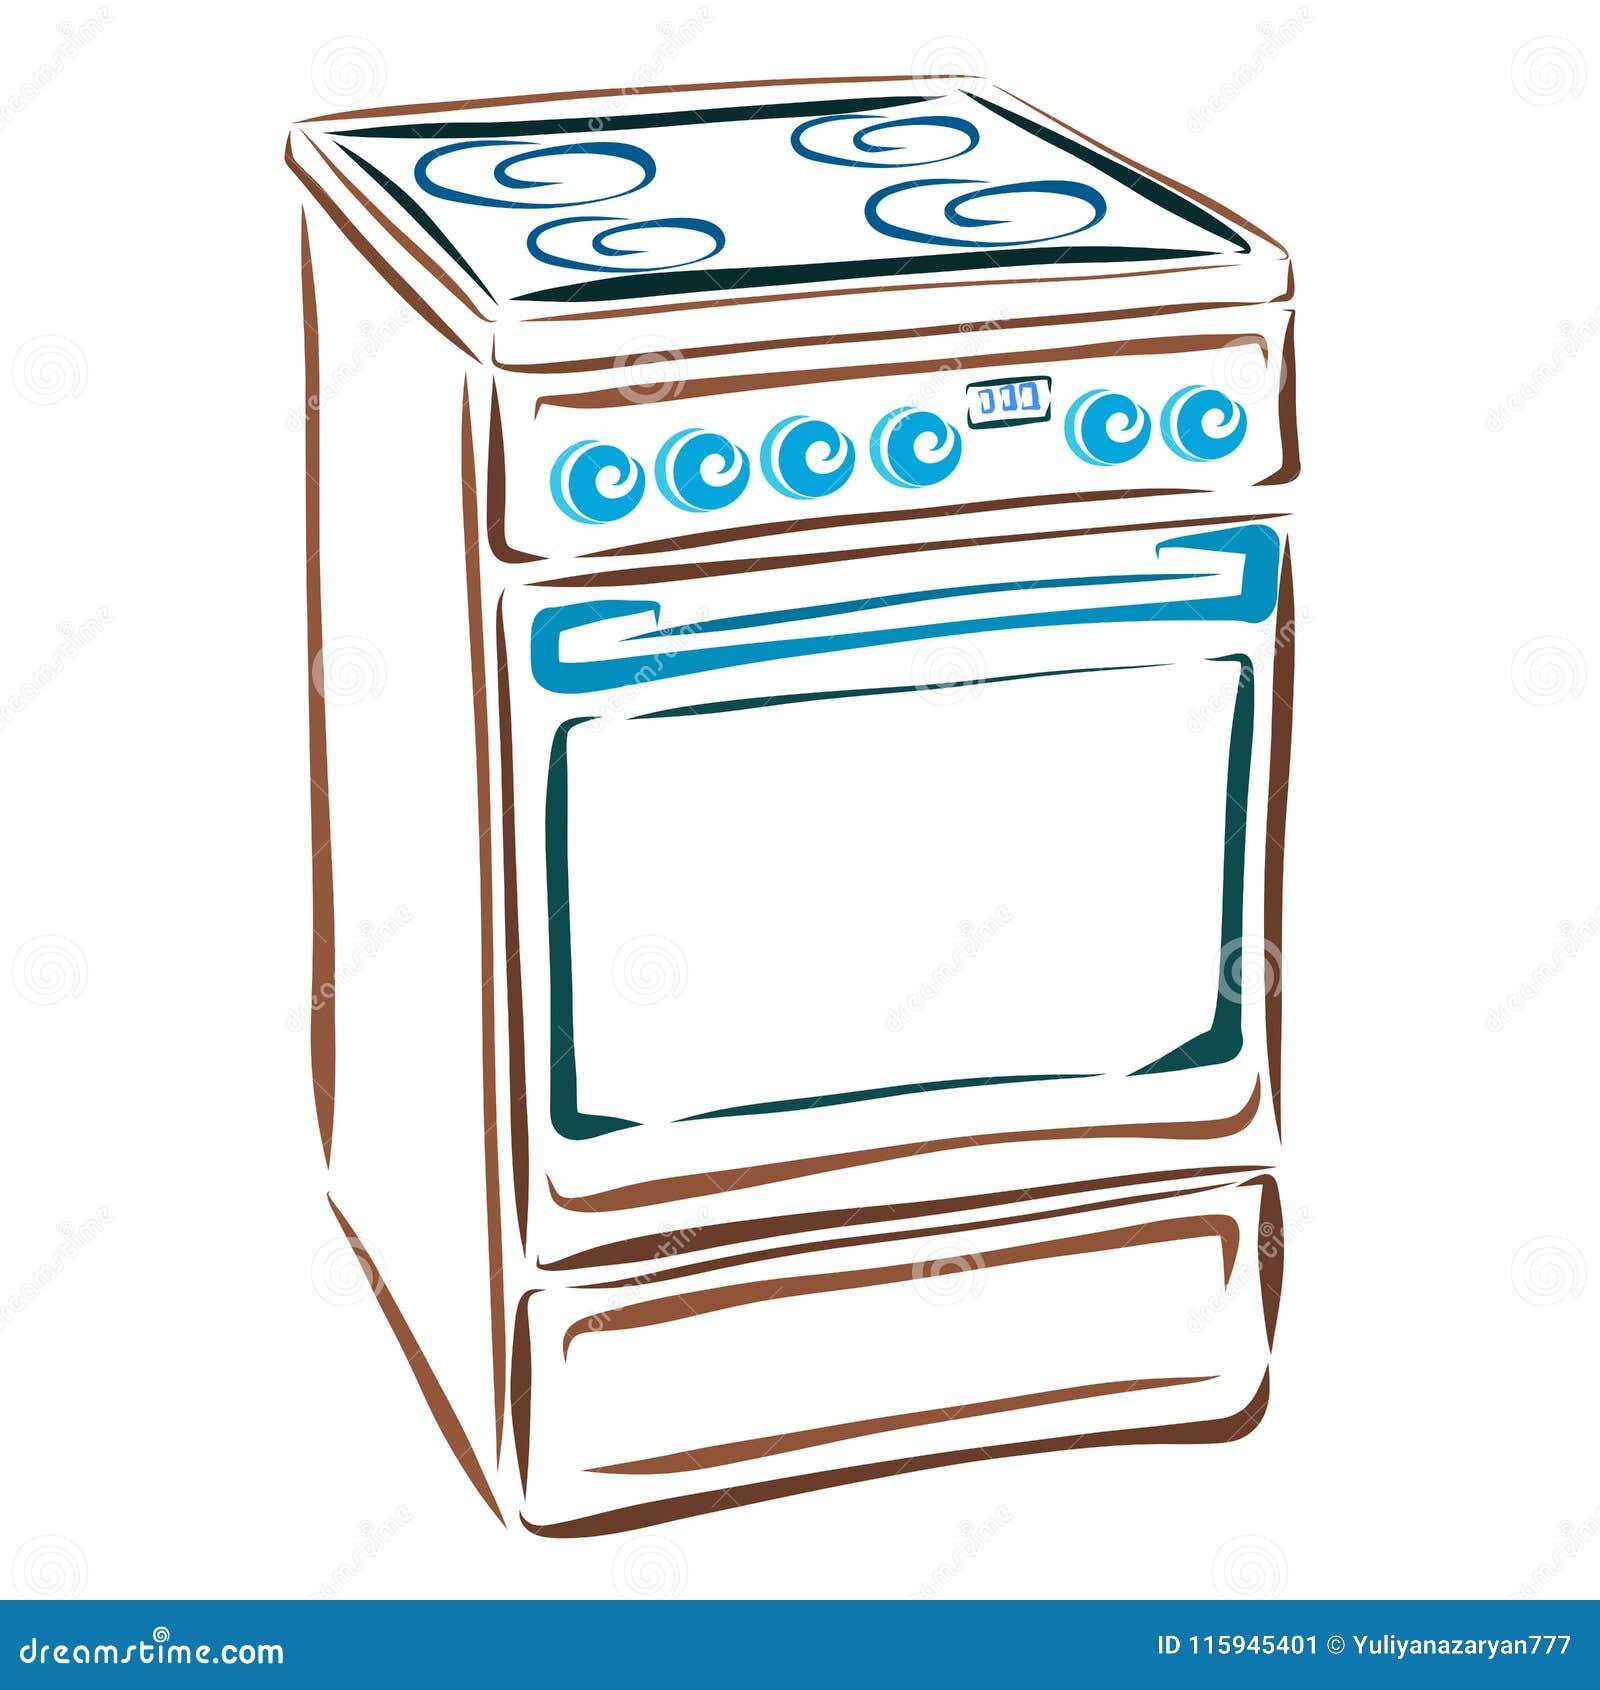 Cucina Elettrica, Elettrodomestici Per La Cucina Illustrazione di ...